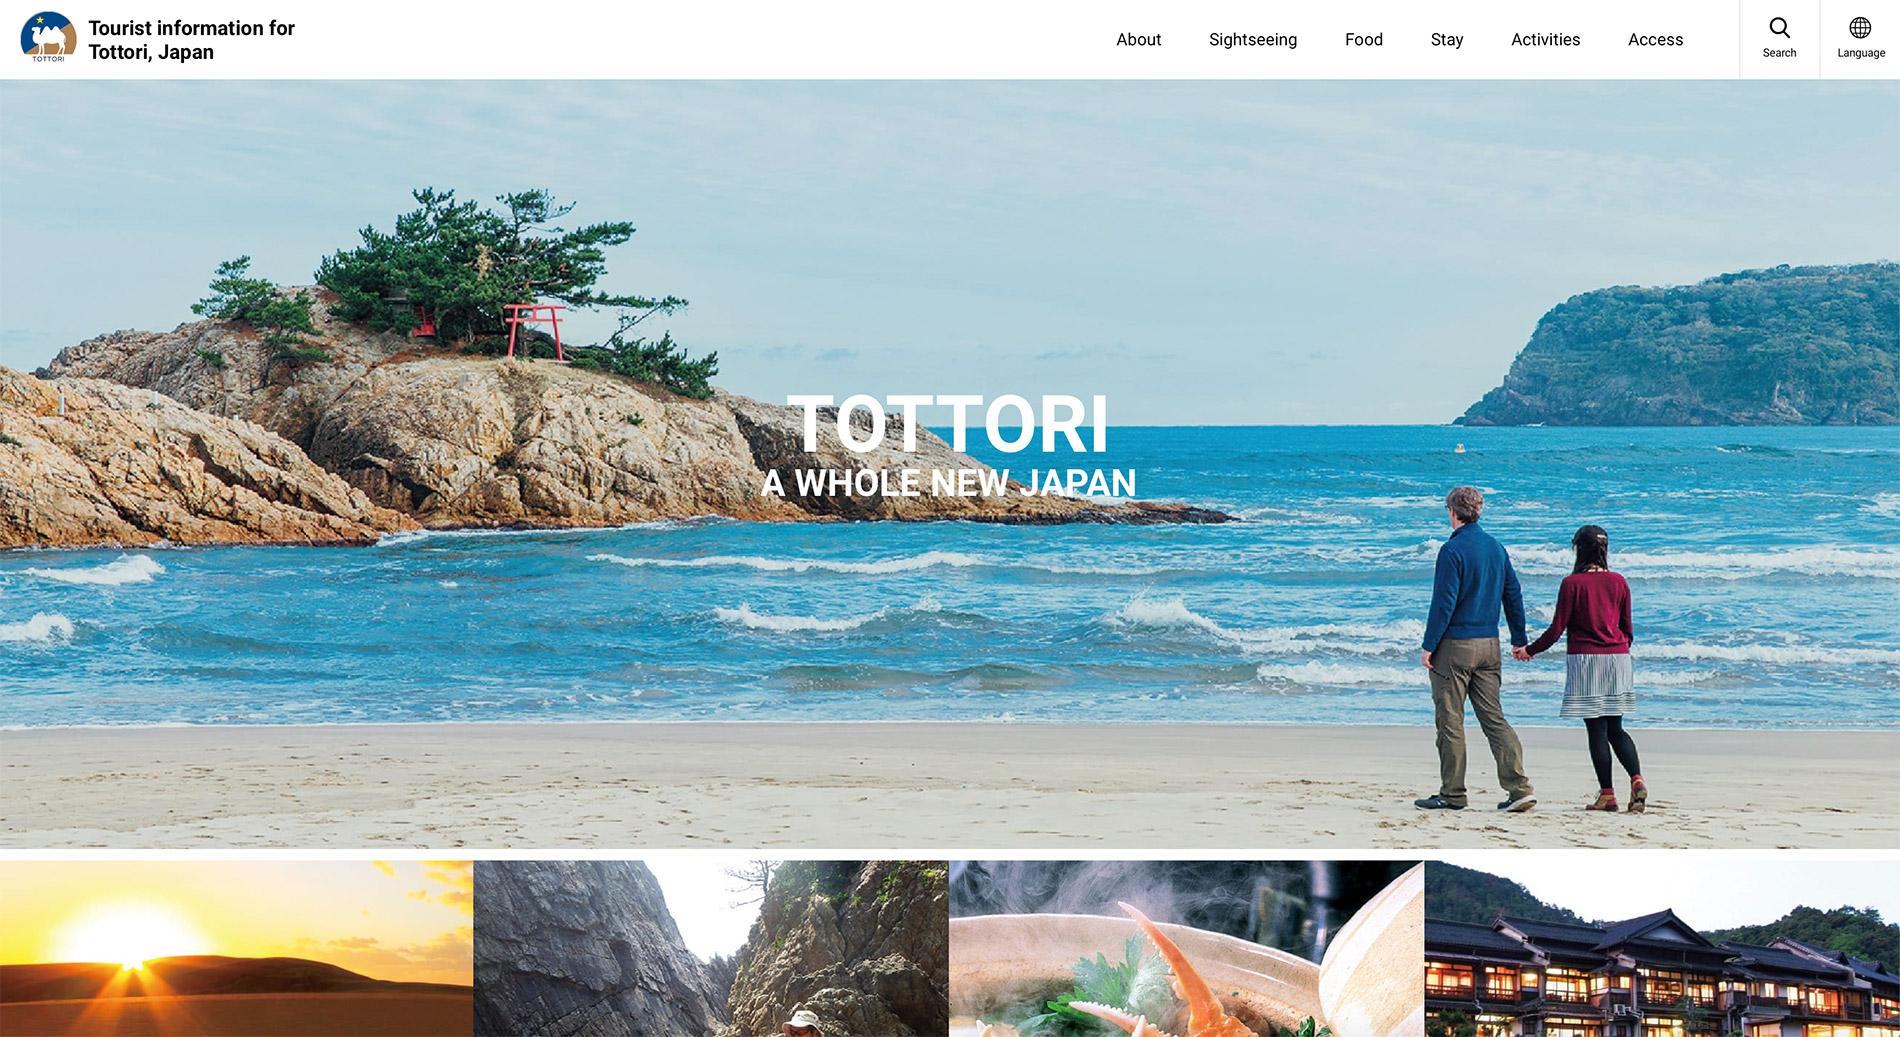 Die englische Webseite des Tourismusverbandes der Präfektur Tottori.